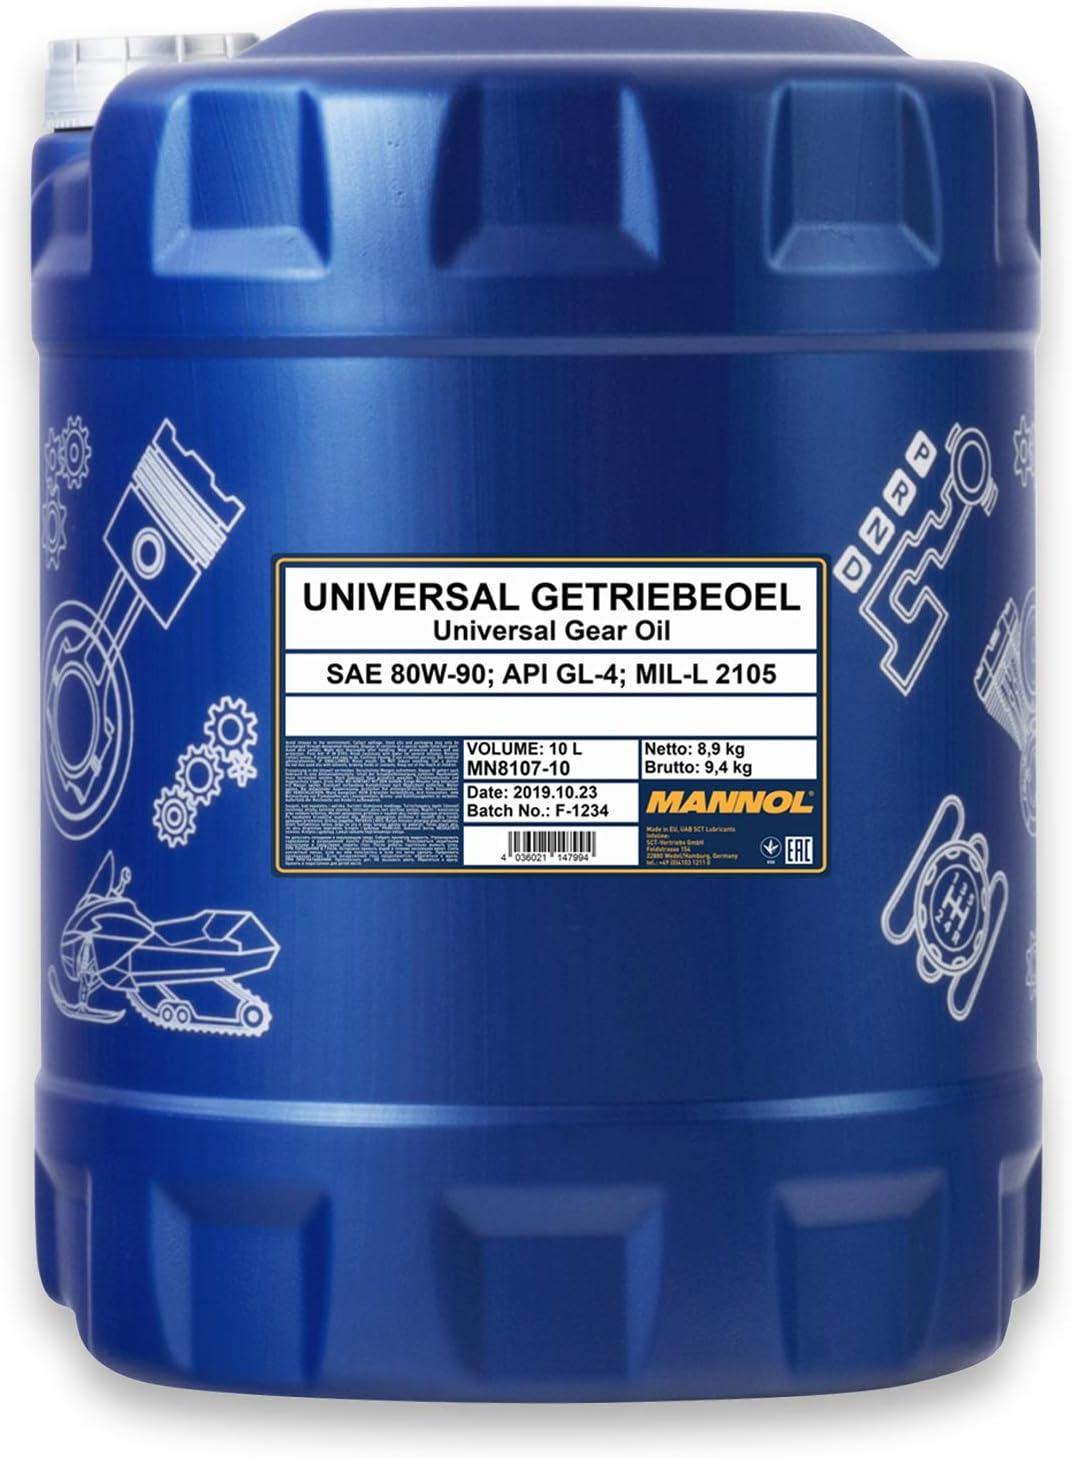 Mannol Universal Getriebeoel 80w 90 Api Gl 4 Schaltgetriebeöl Öl Auslaufschlauch Auto